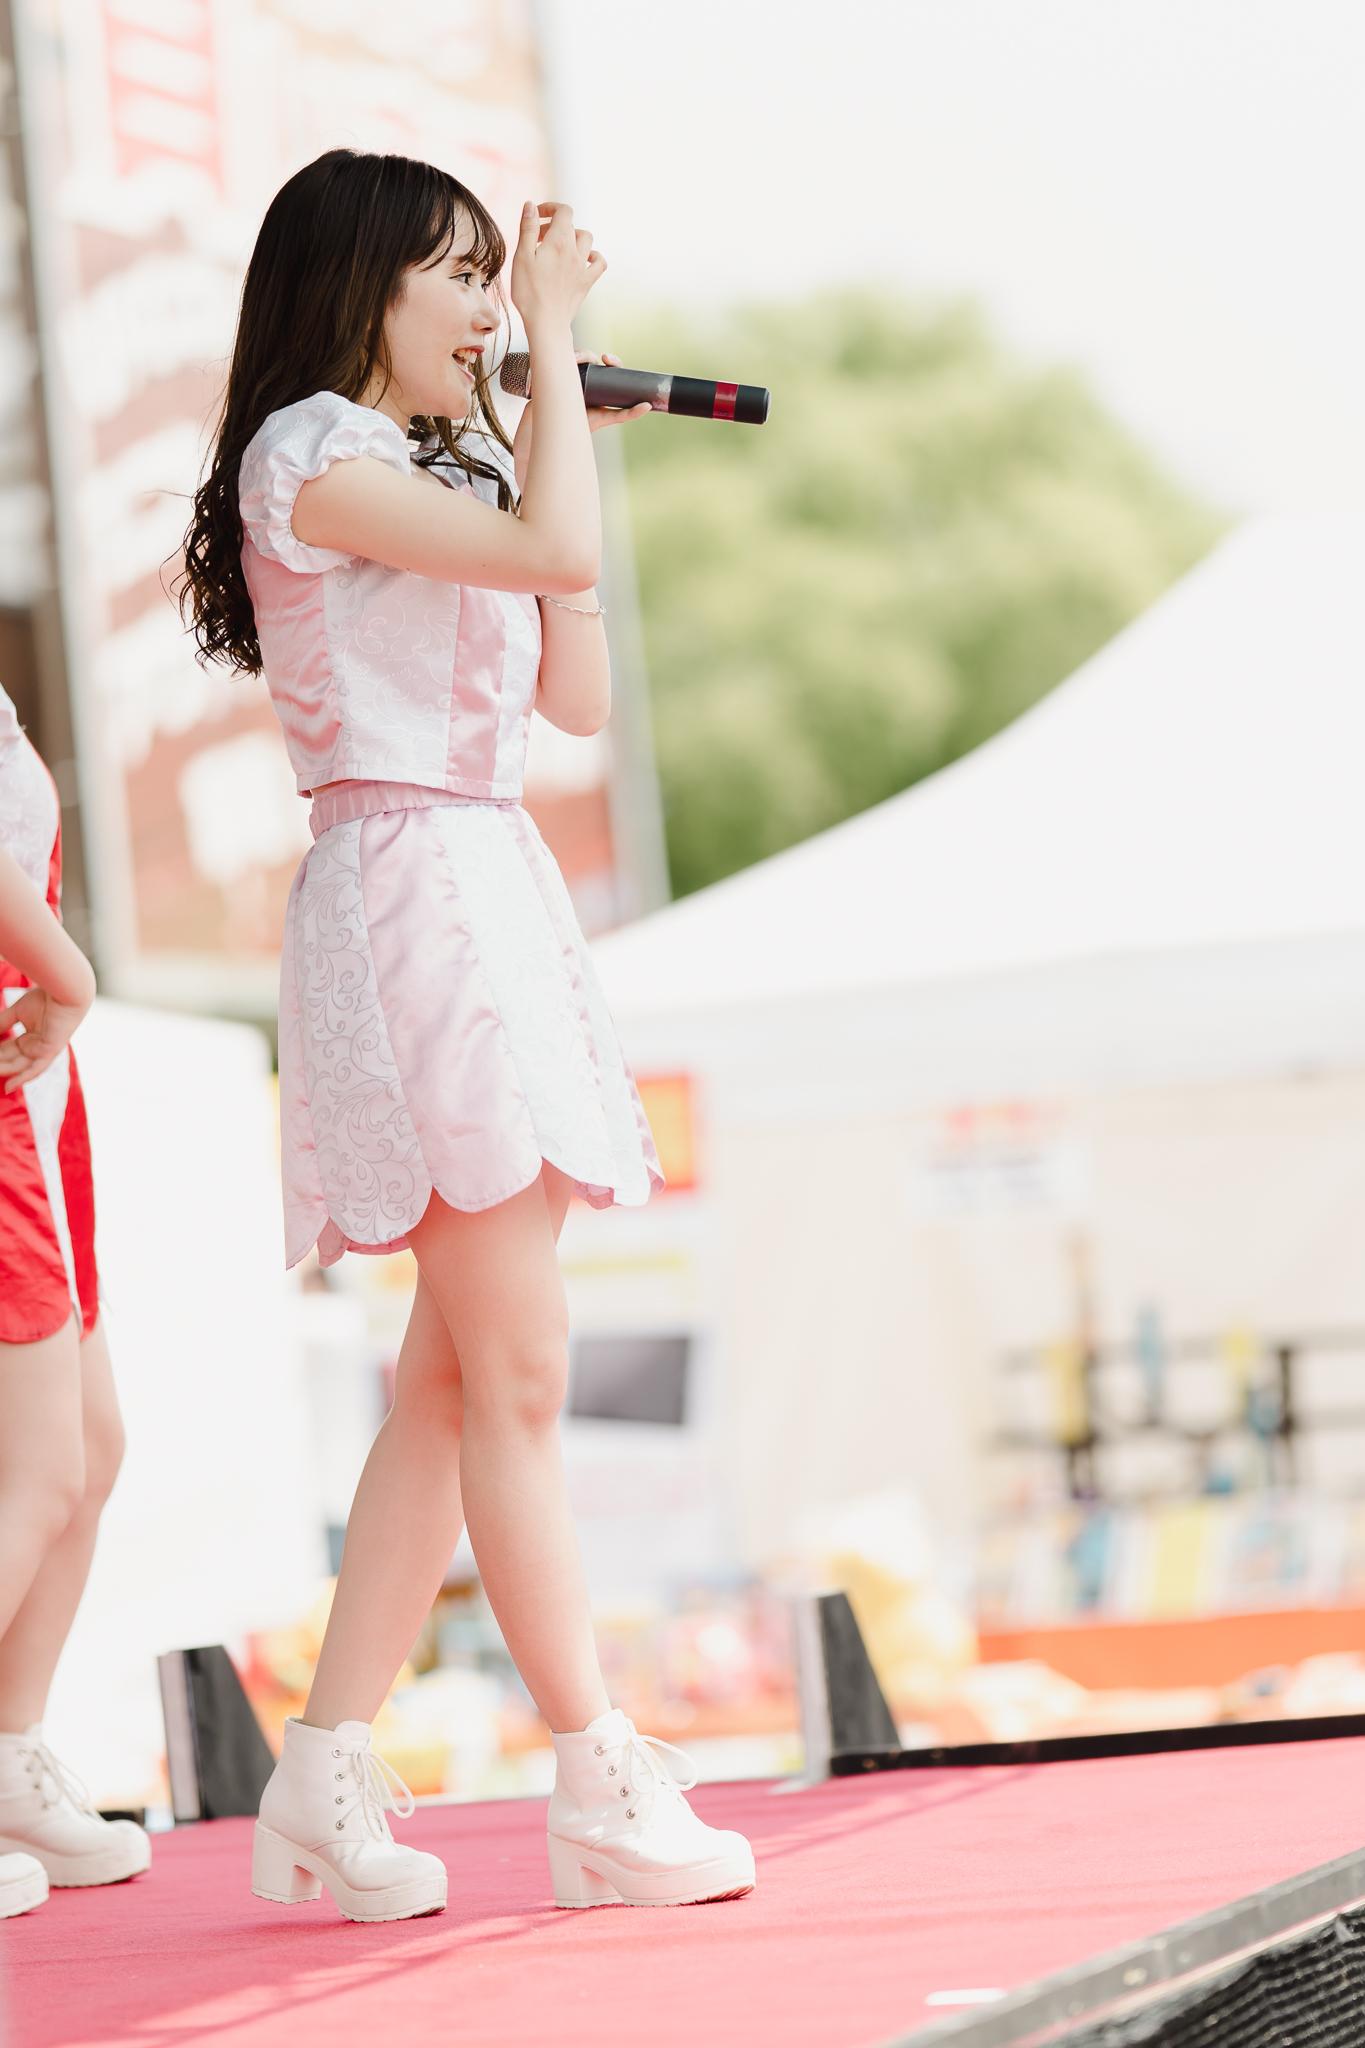 フルーティー♡ まほ ( 本間真帆 )   お宝百貨店万代藤野店「SUMMER FESTIVAL 2021」1日目